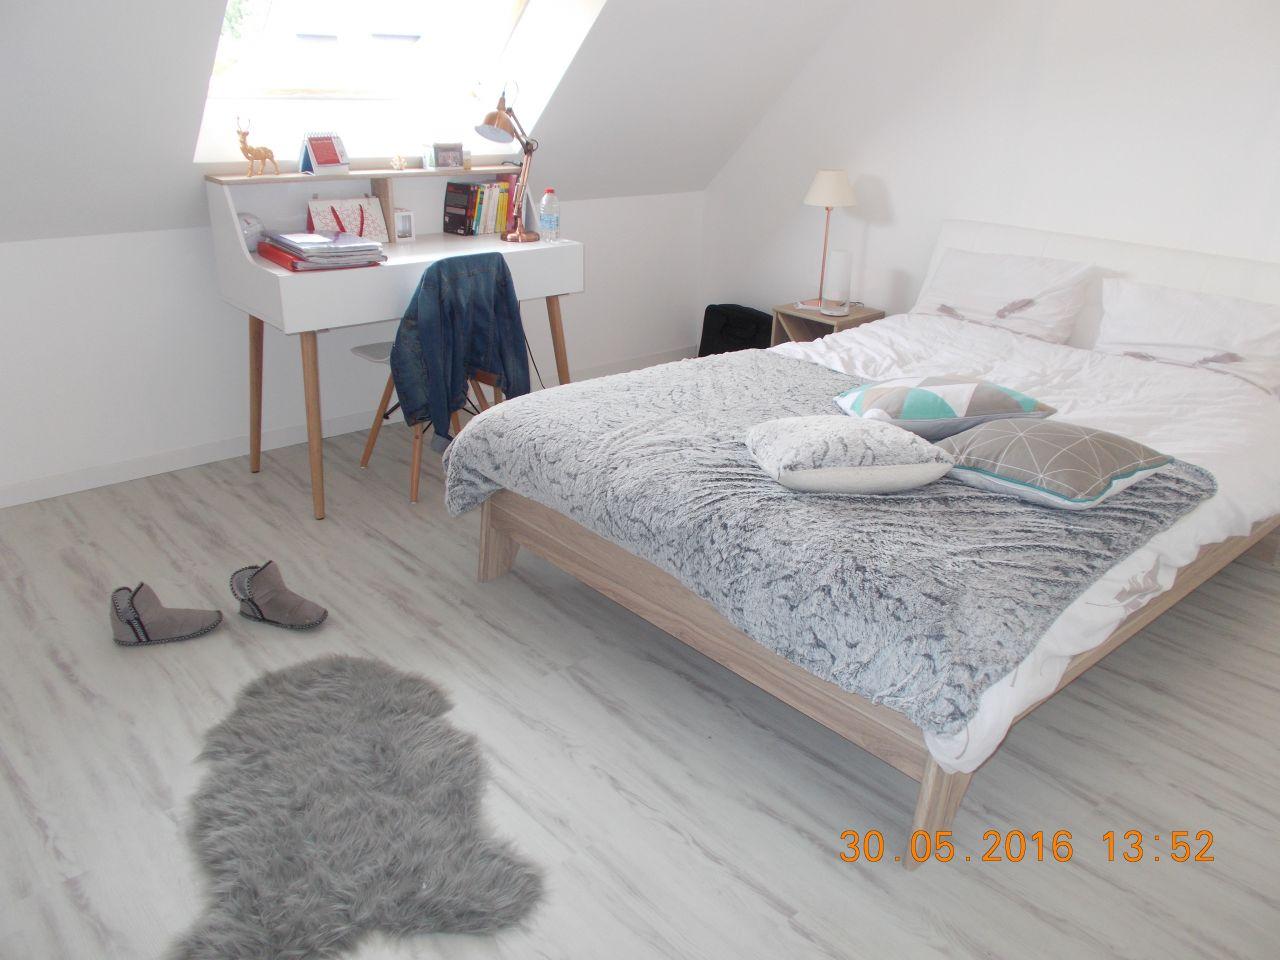 Chambre d'adultes sols pvc / lino - Les Ponts De Ce (Maine Et Loire - 49) - mai 2016